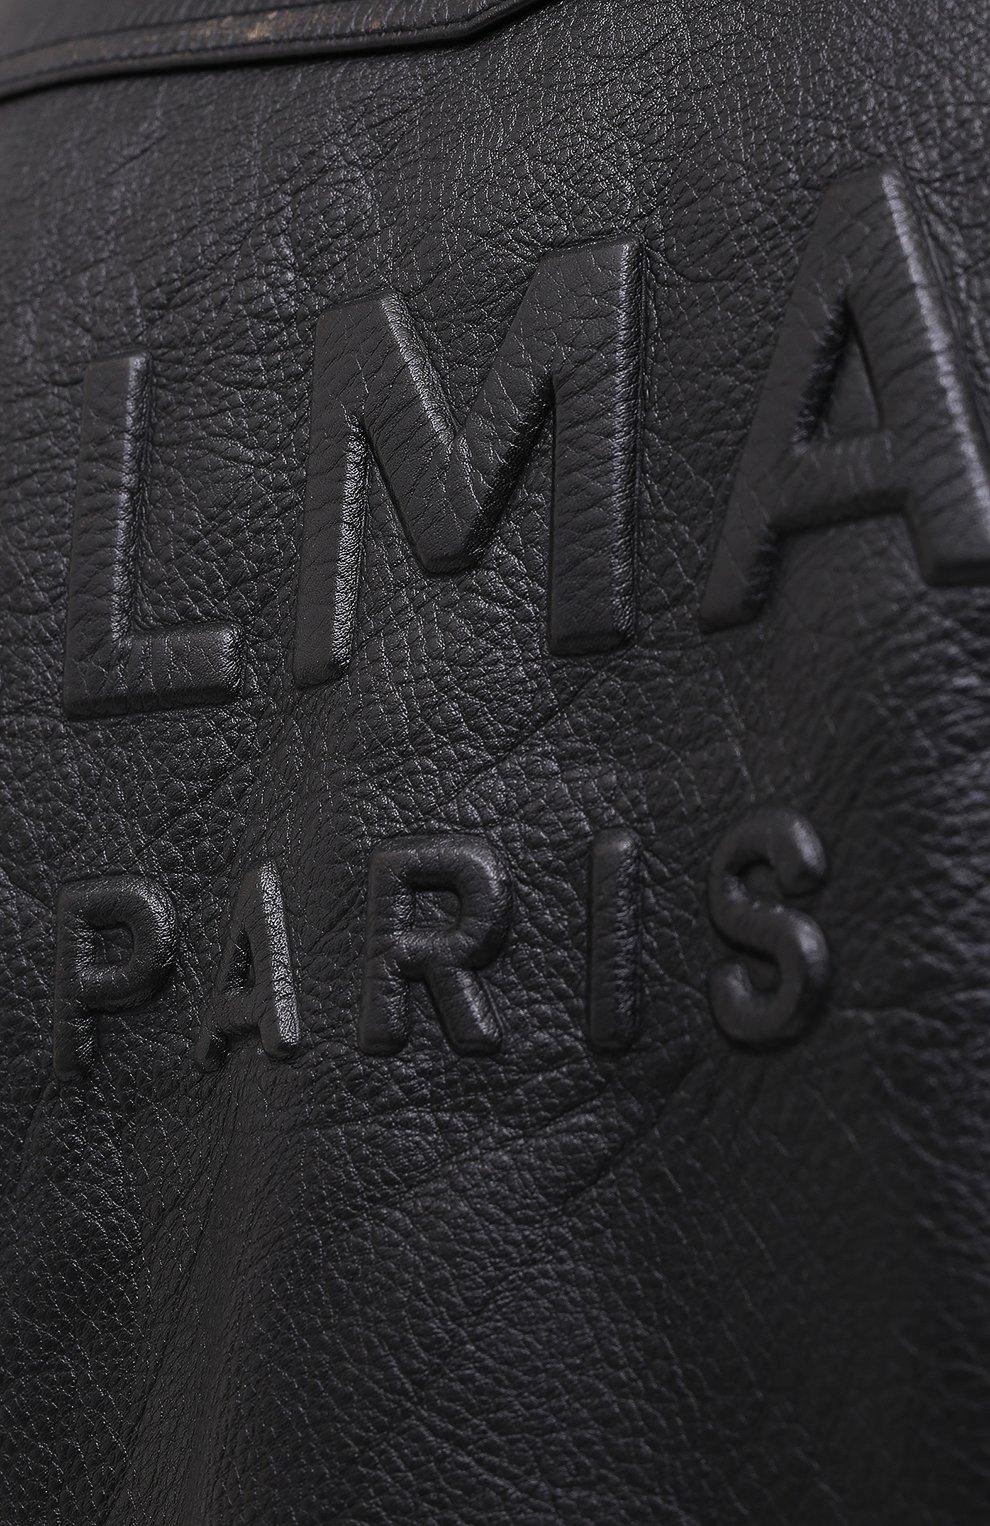 Мужская кожаная куртка BALMAIN черного цвета, арт. UH18137/Z307   Фото 5 (Кросс-КТ: Куртка; Рукава: Длинные; Мужское Кросс-КТ: Верхняя одежда, Кожа и замша; Длина (верхняя одежда): Короткие; Материал подклада: Хлопок)